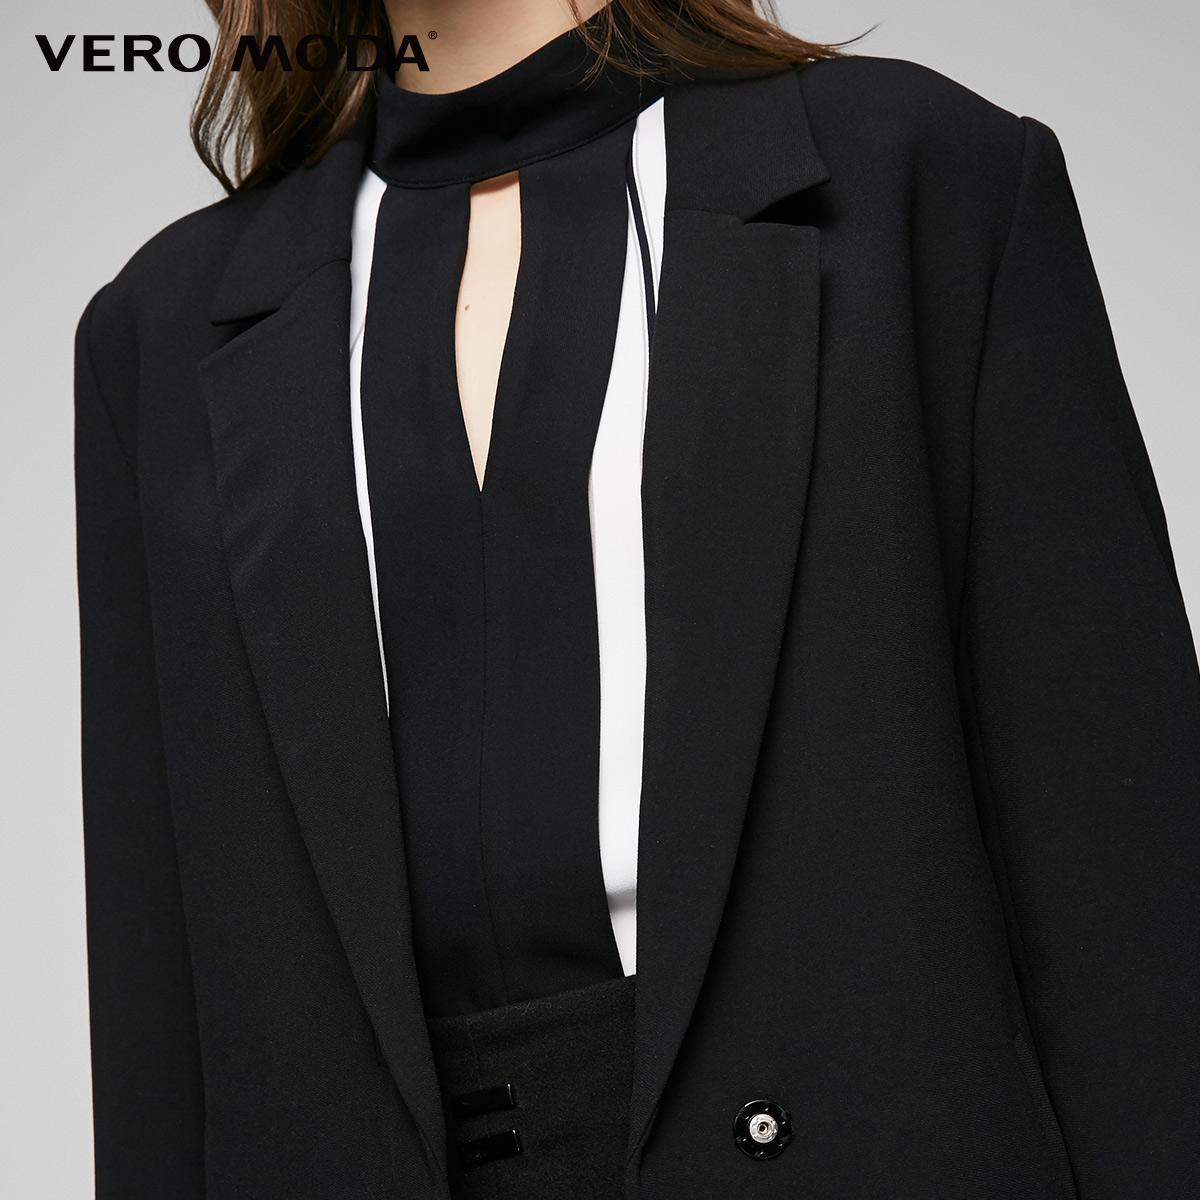 Vero Moda mới vành đai cá tính đi lại phù hợp với áo gió | 317121523 Trench Coat